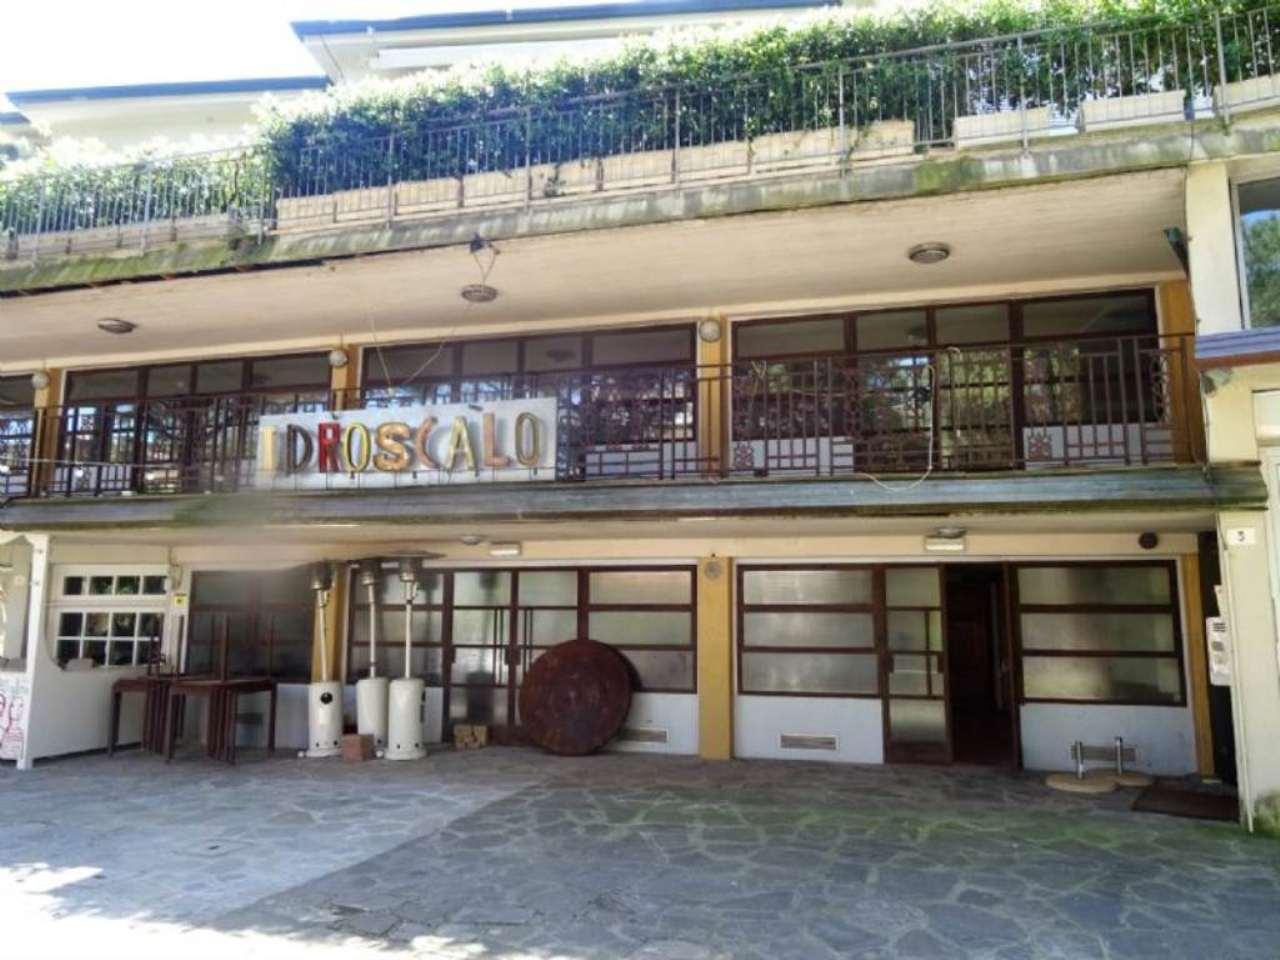 Negozio / Locale in vendita a Cervia - Milano Marittima, 9999 locali, Trattative riservate | CambioCasa.it